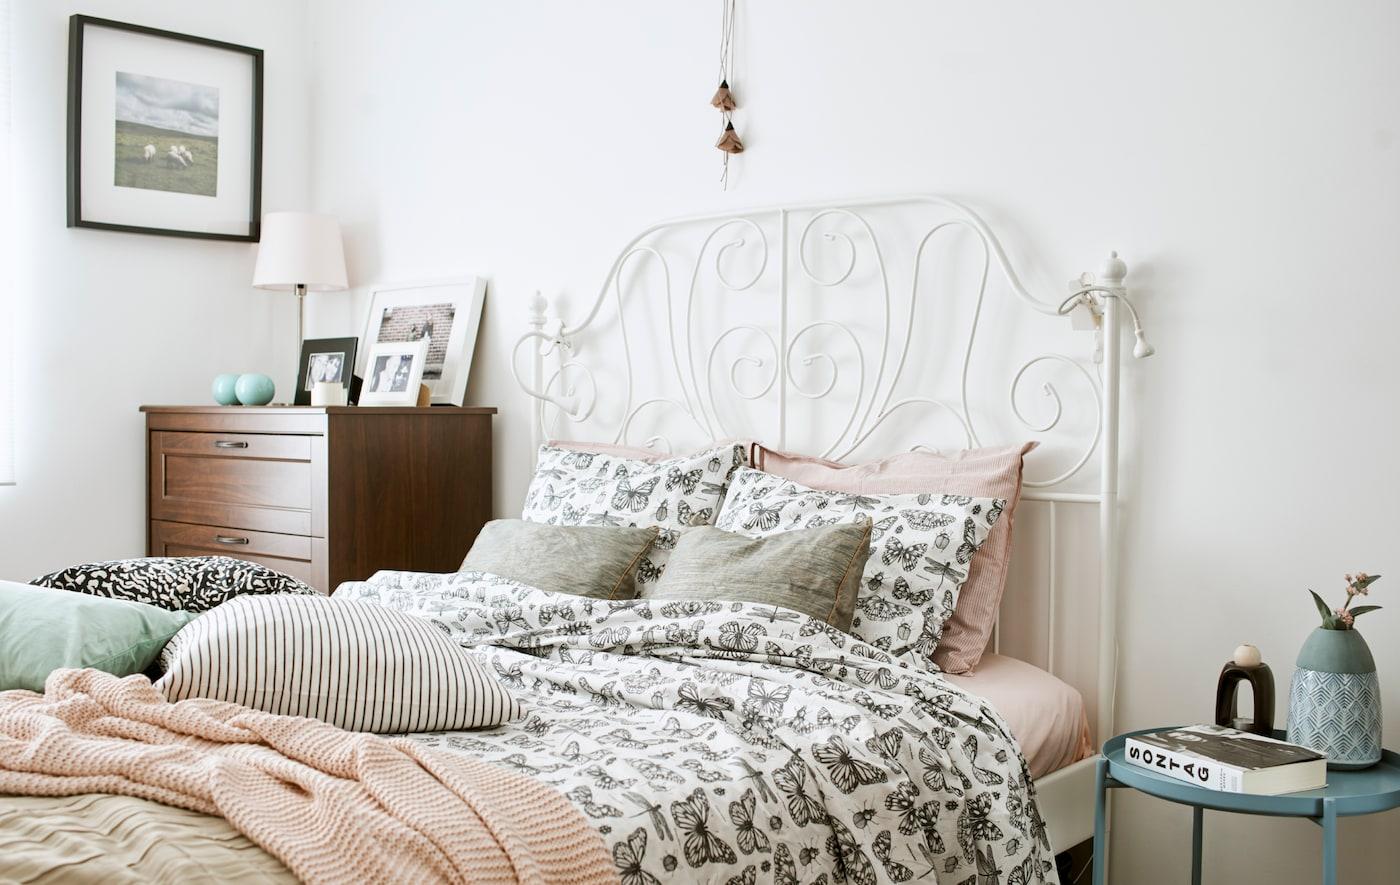 Ein Bett mit schmiedeeisernem Kopfteil mit einer Bettdecke, auf deren Bezug Schmetterlinge zu sehen sind.